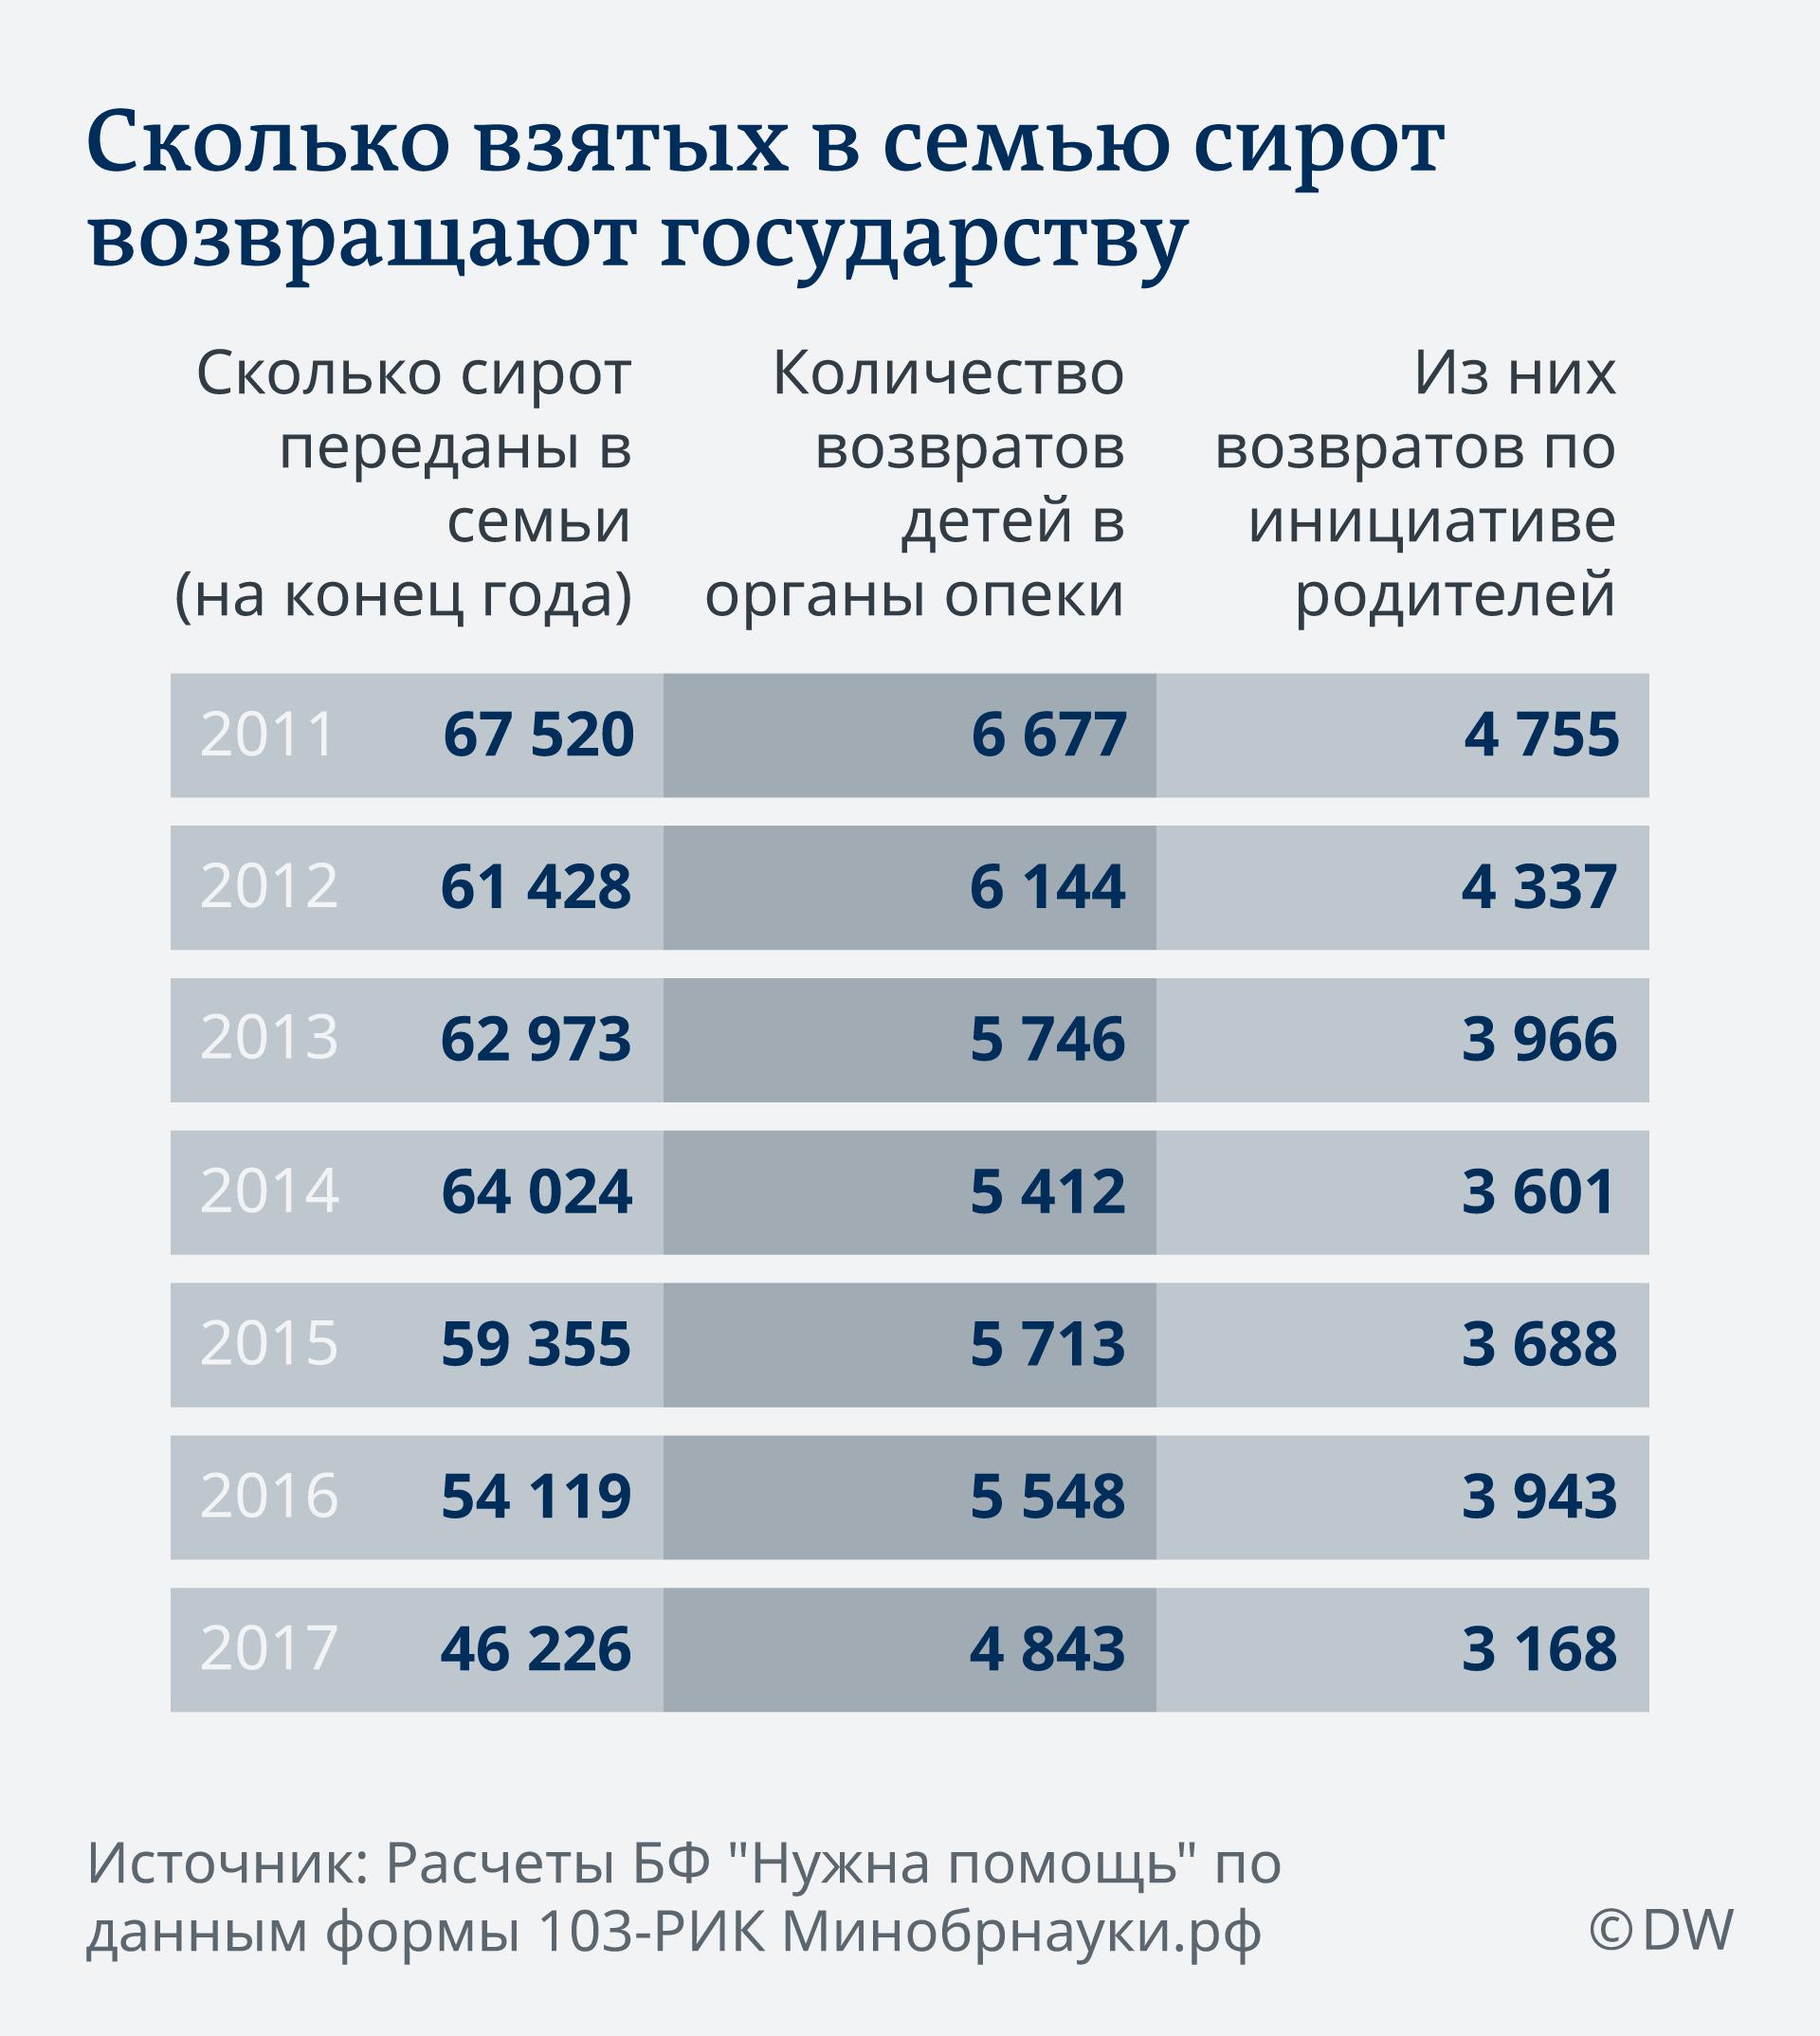 Инфографика: сколько взятых в семьи в России сирот возвращают государству